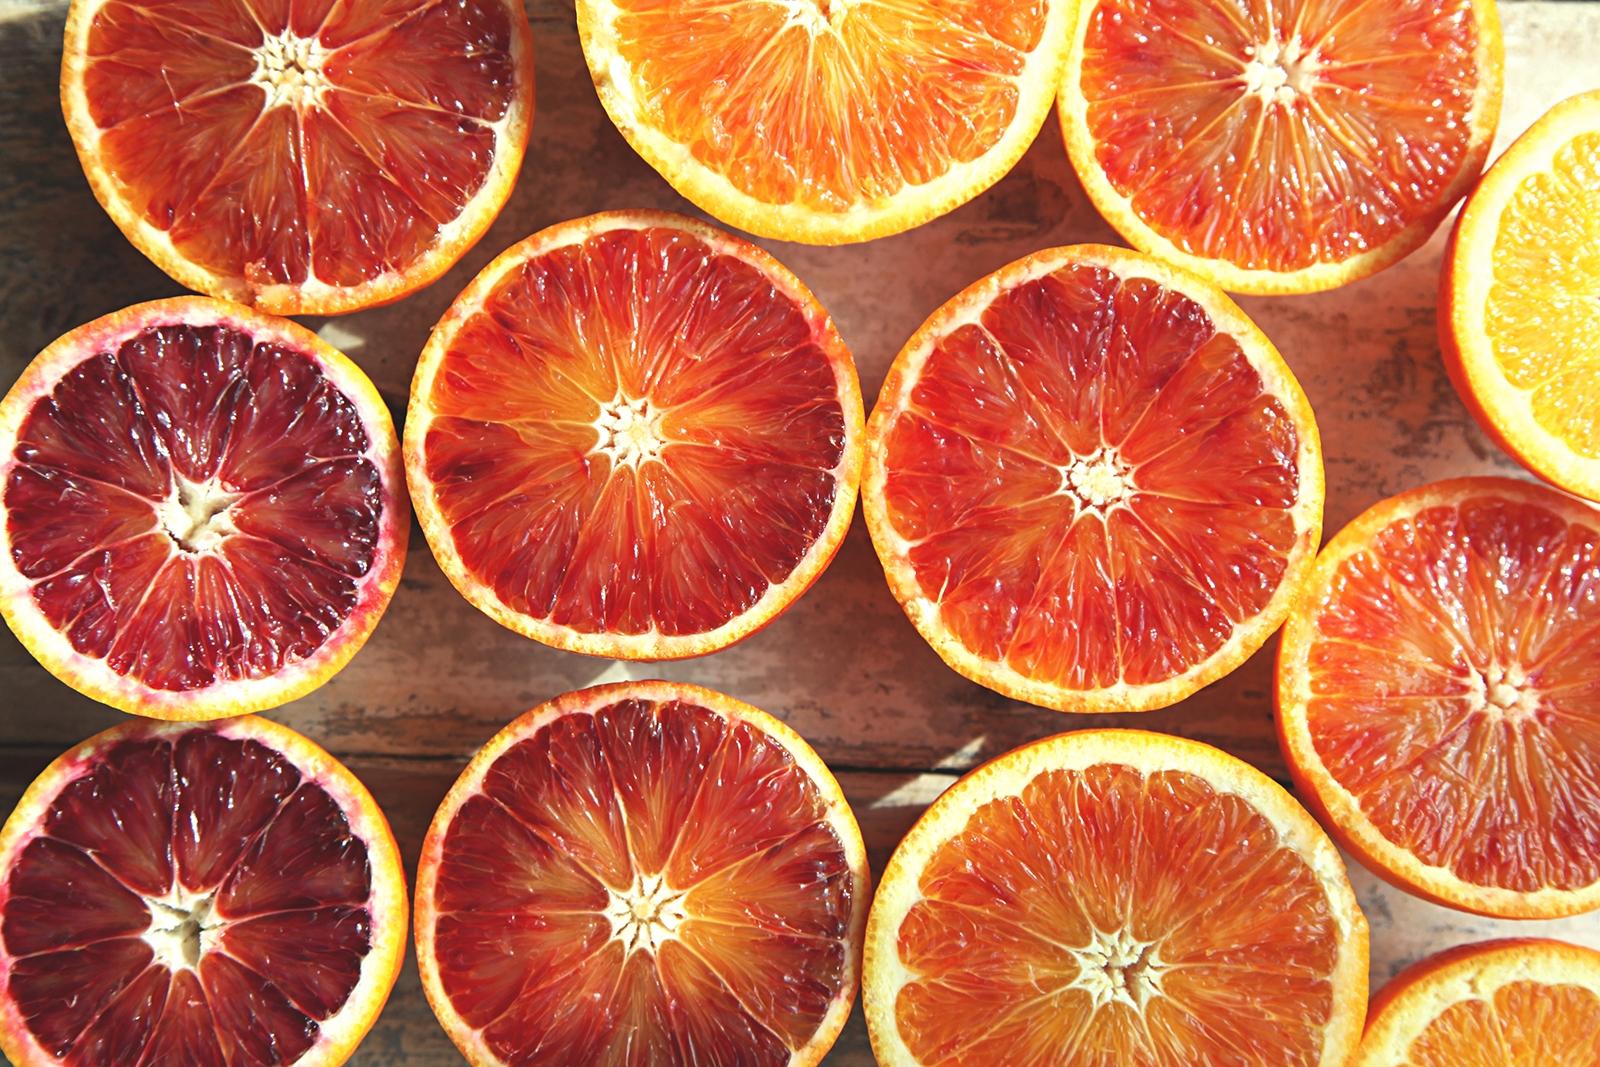 krvave_pomerance_01